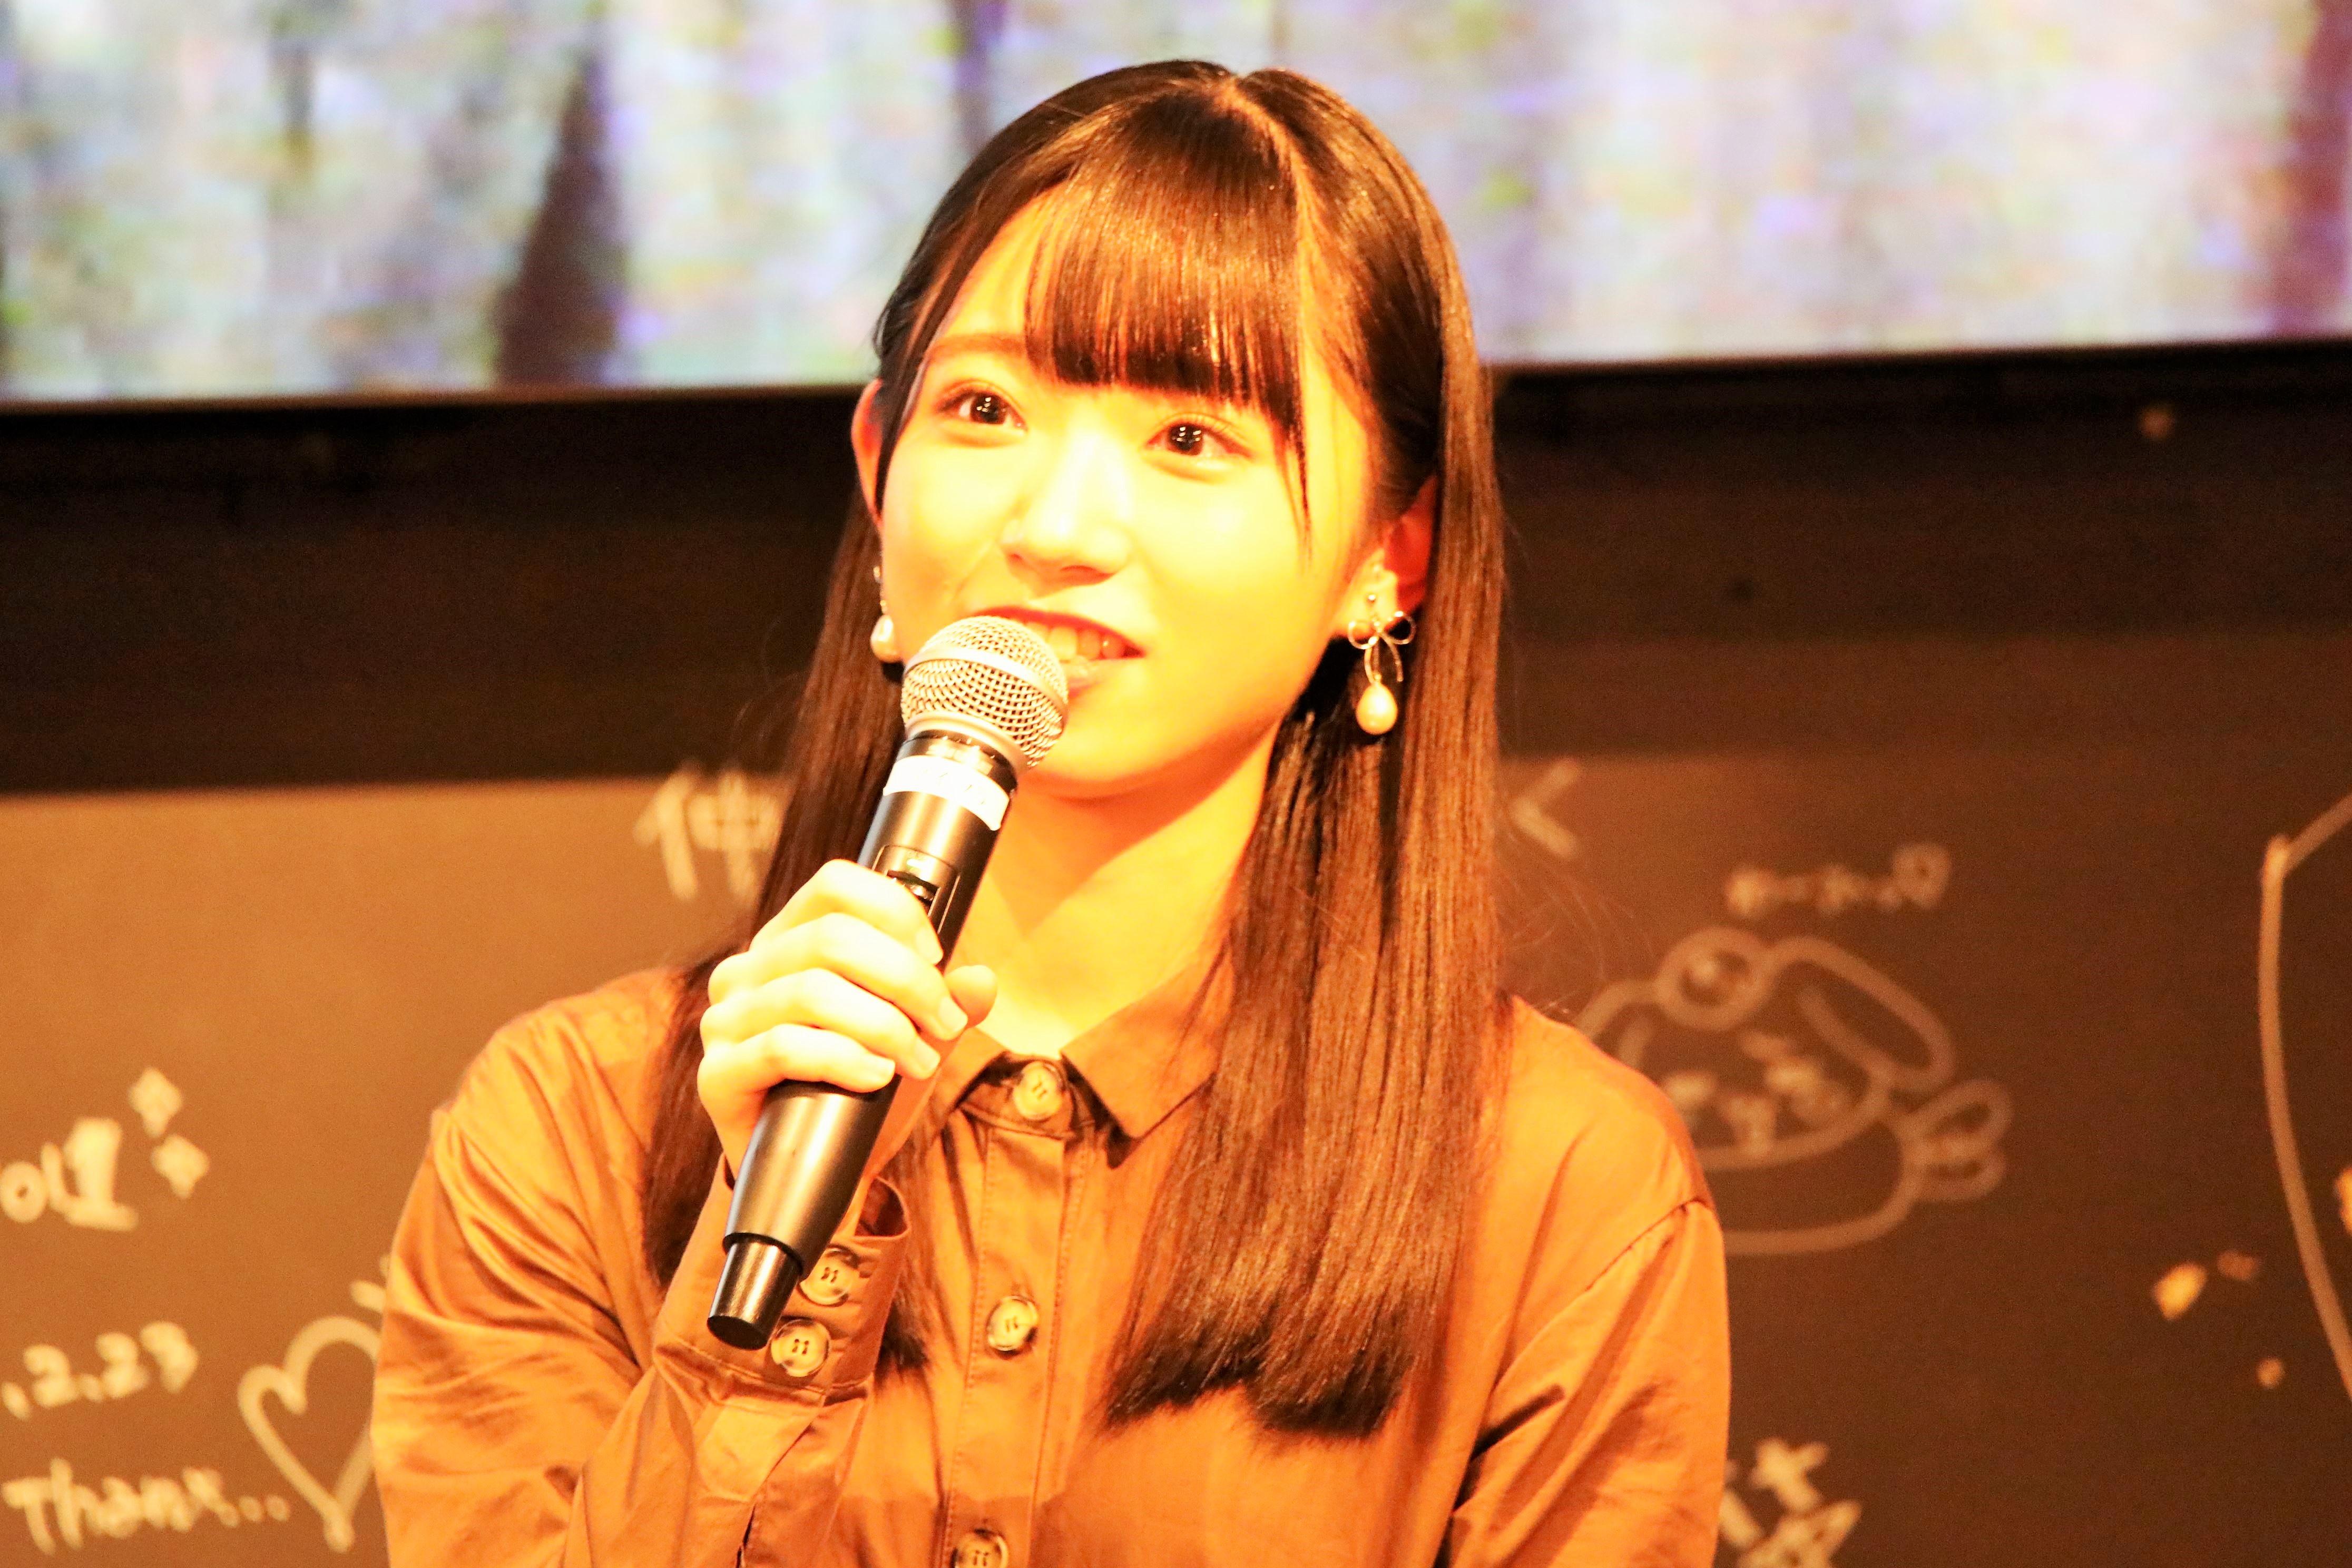 山内瑞葵「AKB48のセンターに立ちたいという想いがあります!」